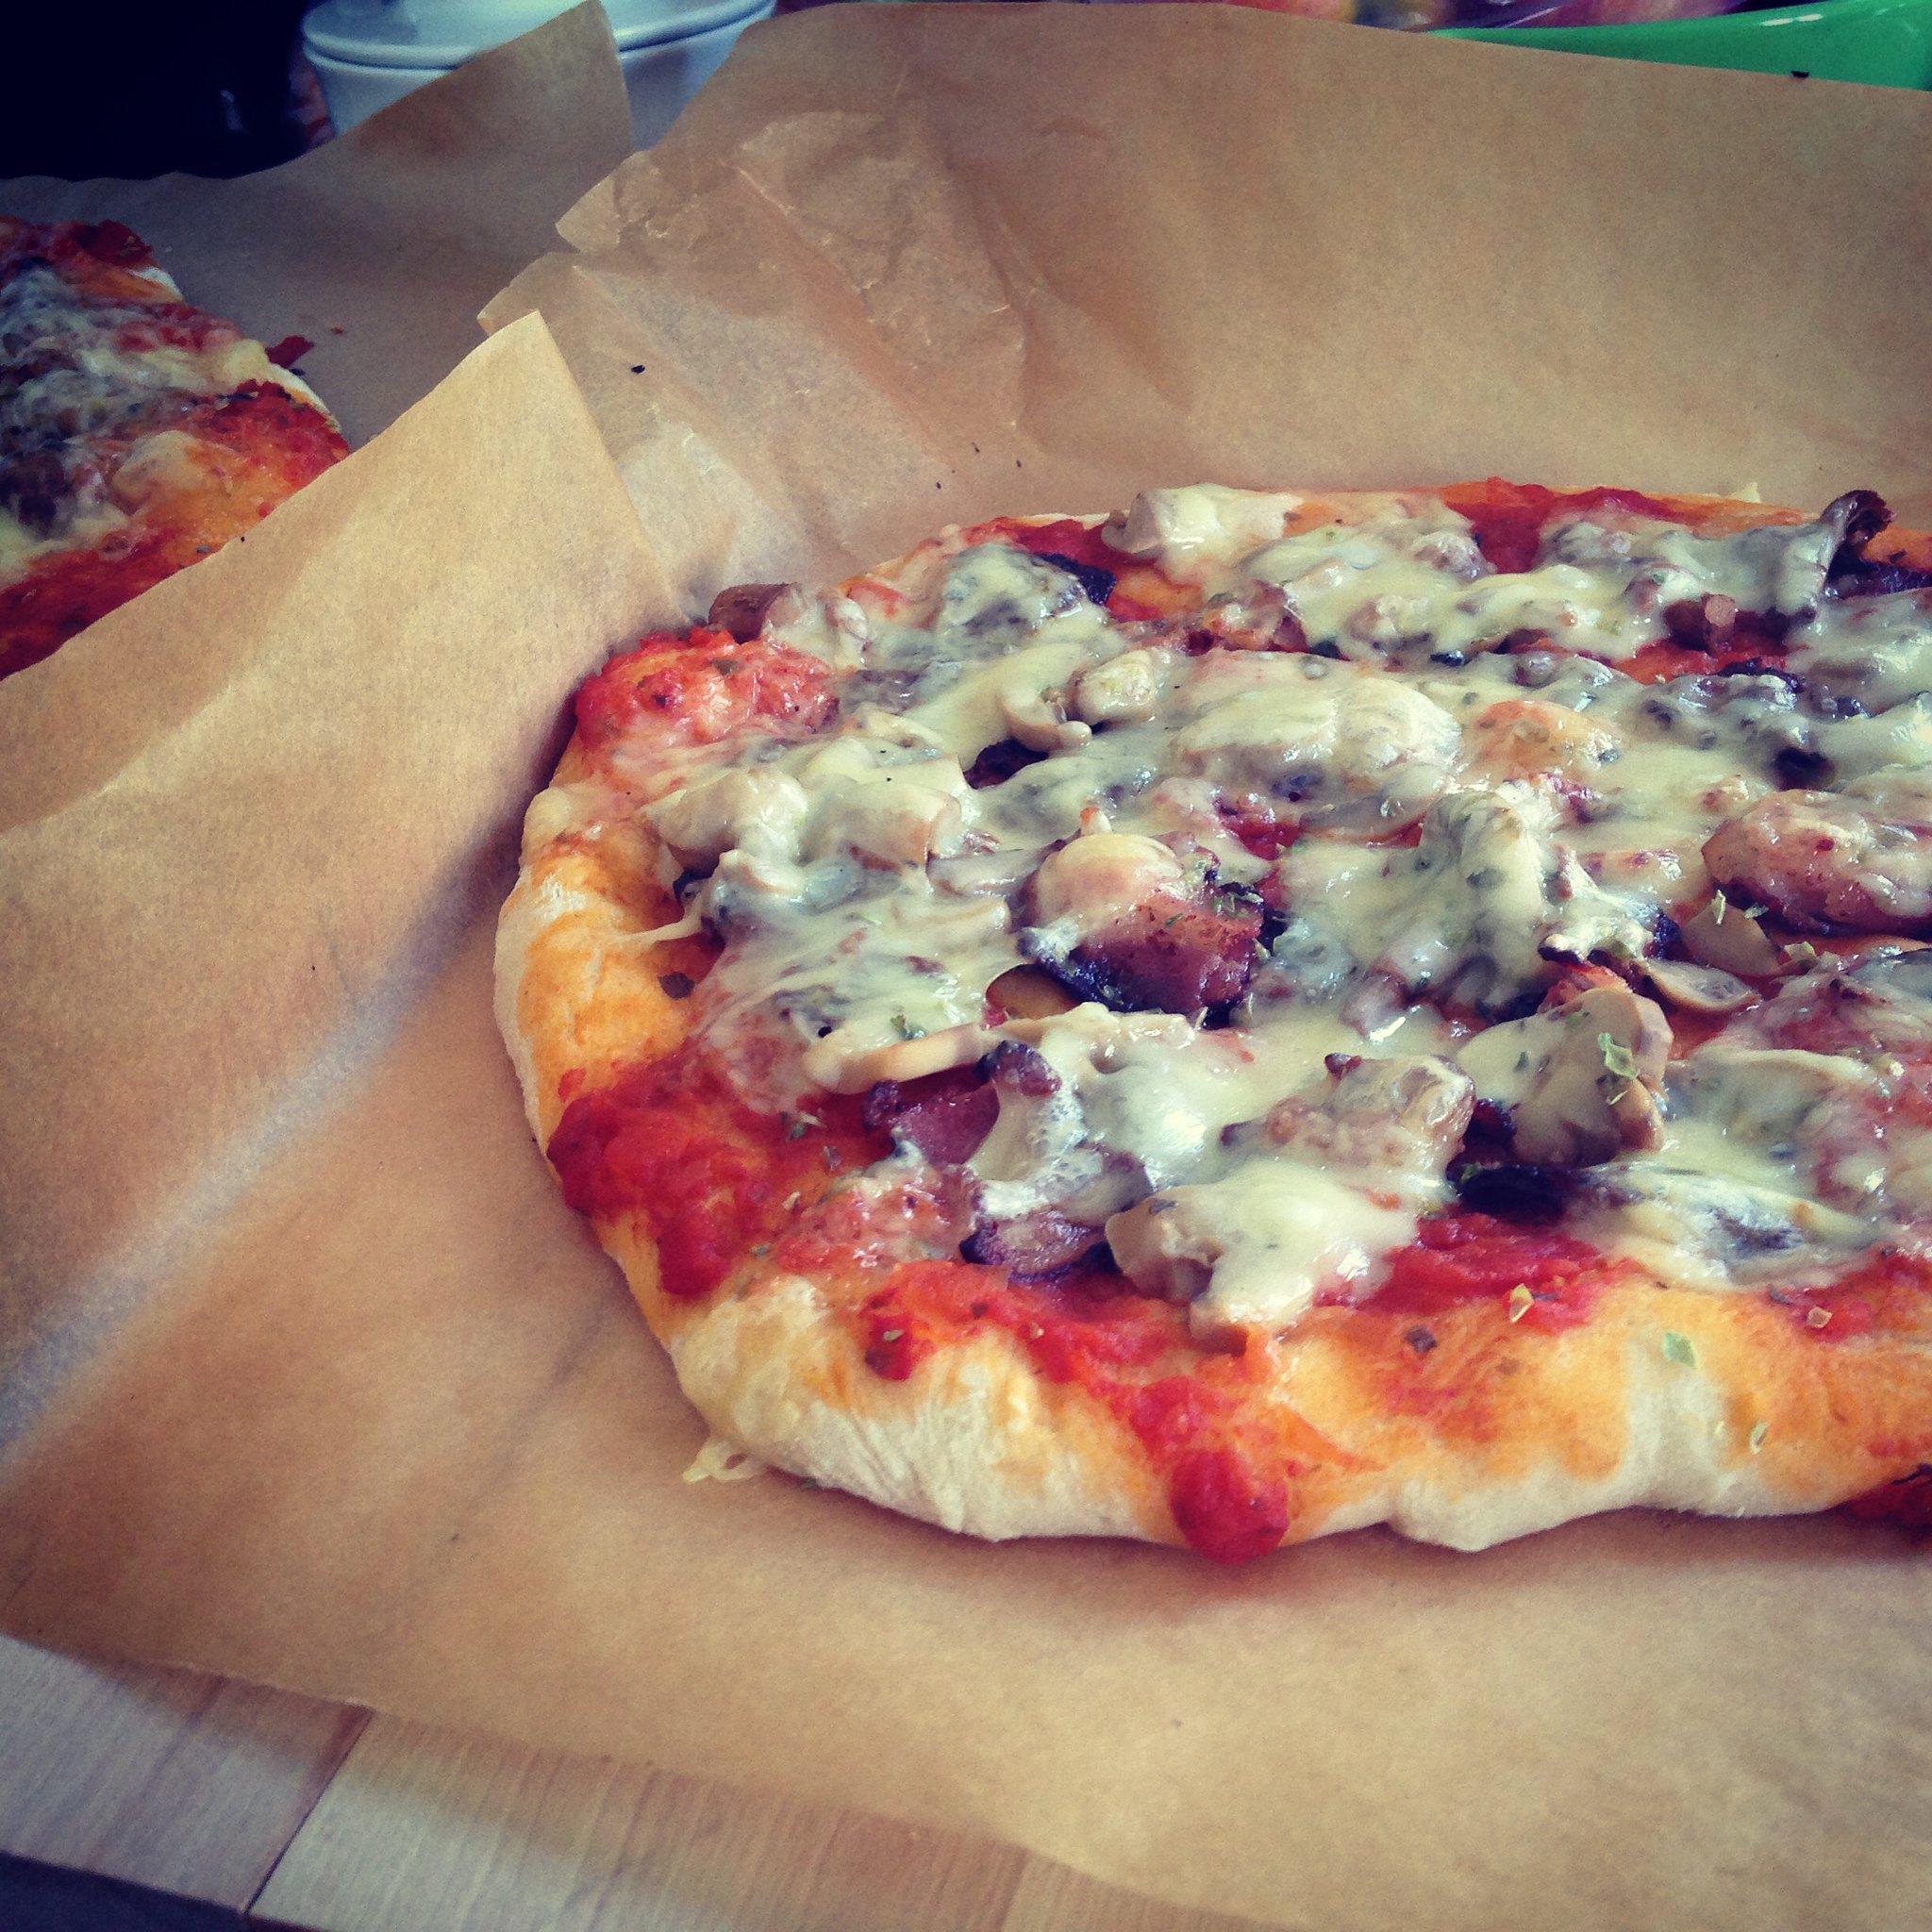 Hemlagad pizza yum yum yum! :: Hej Emmisen